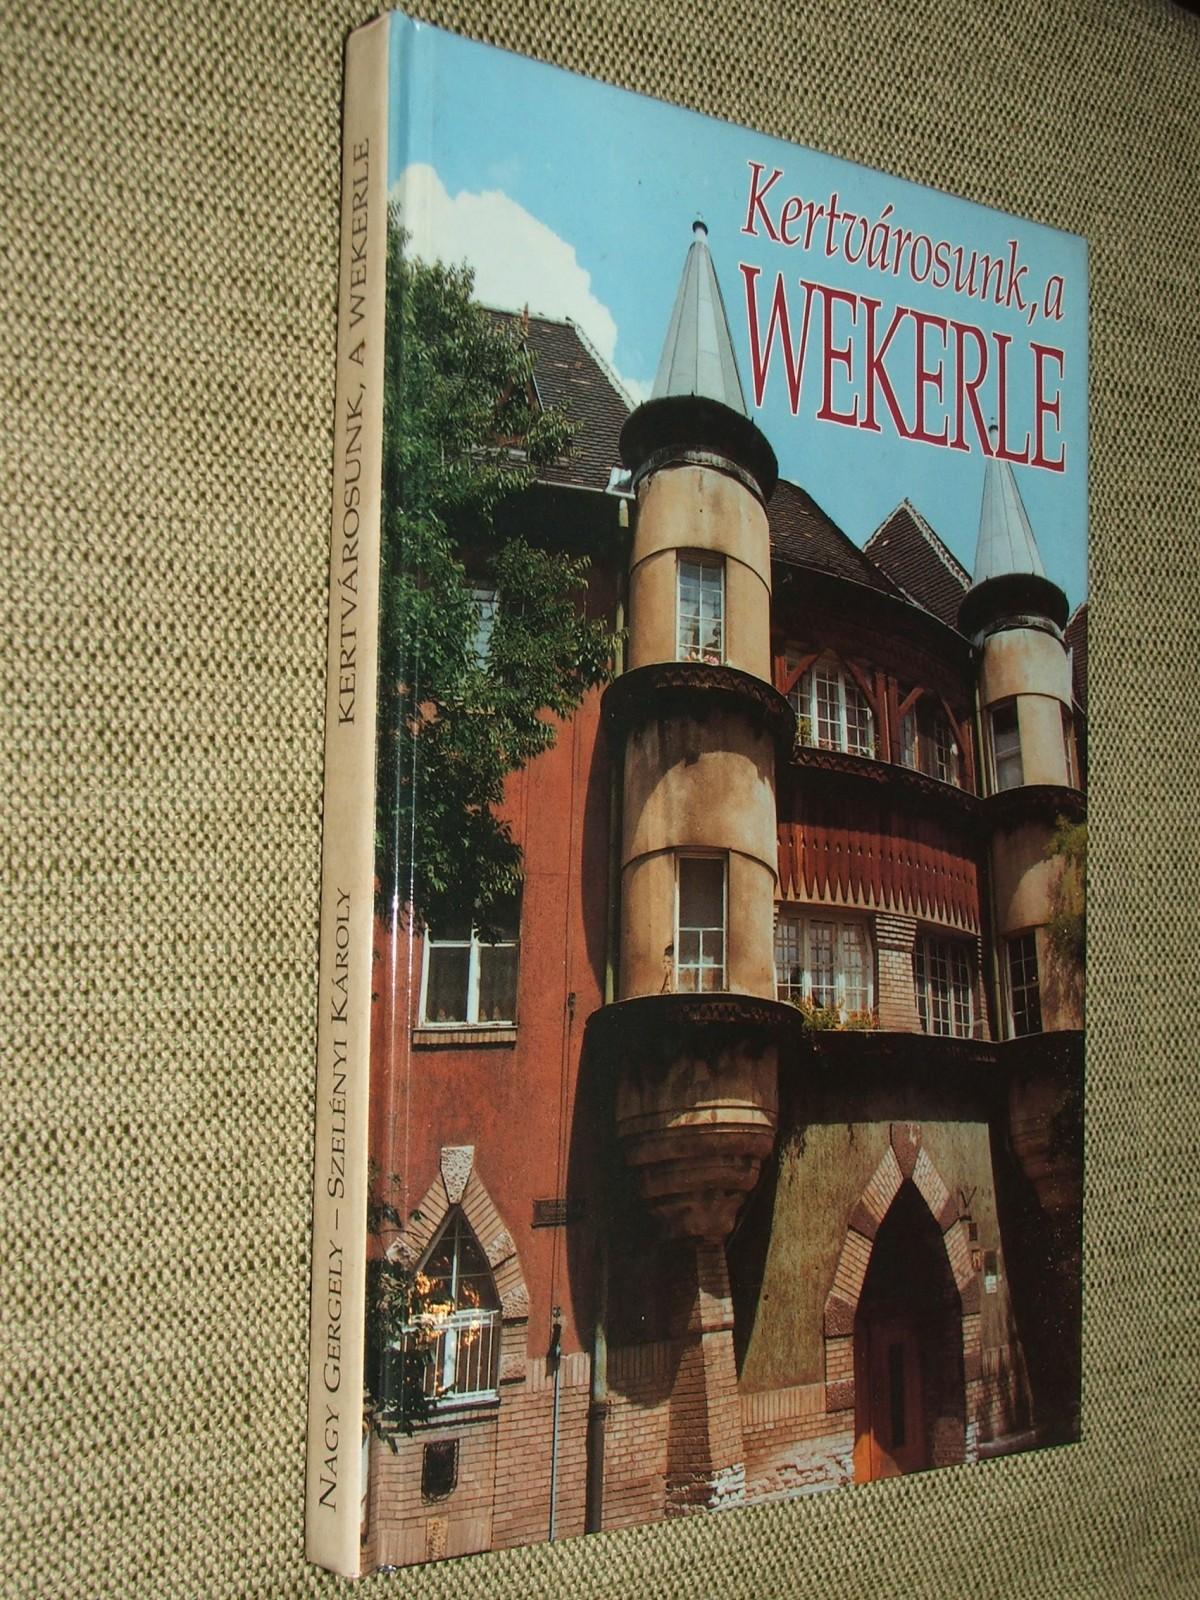 NAGY Gergely: Kertvárosunk, a Wekerle